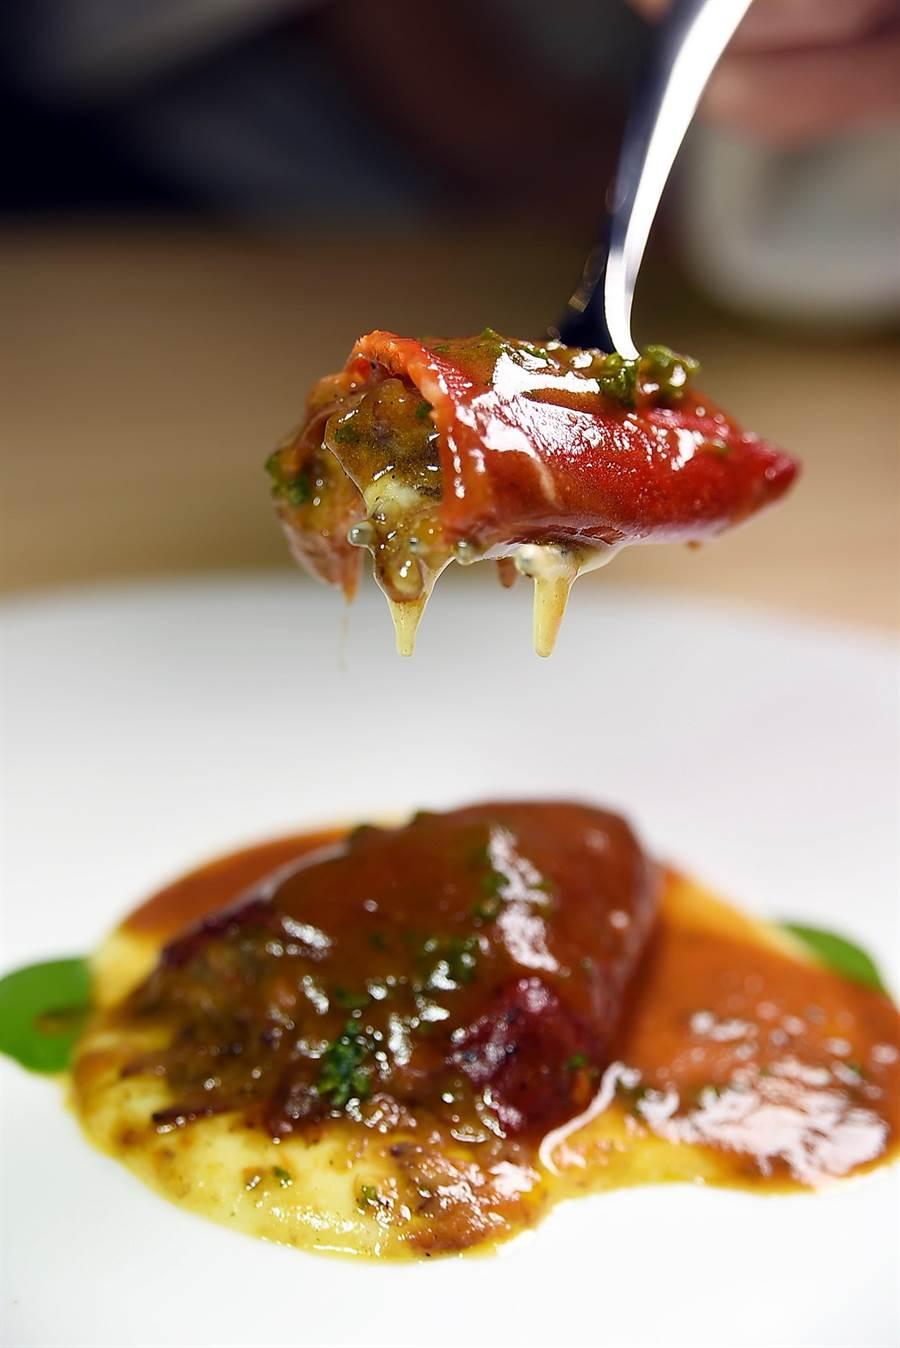 〈小牛嘴椒燉牛頰肉〉是將脂質豐富的牛頰肉鑲在紅色的牛嘴椒肉慢燉成菜,提味醬汁香濃醇厚。(圖/姚舜攝)